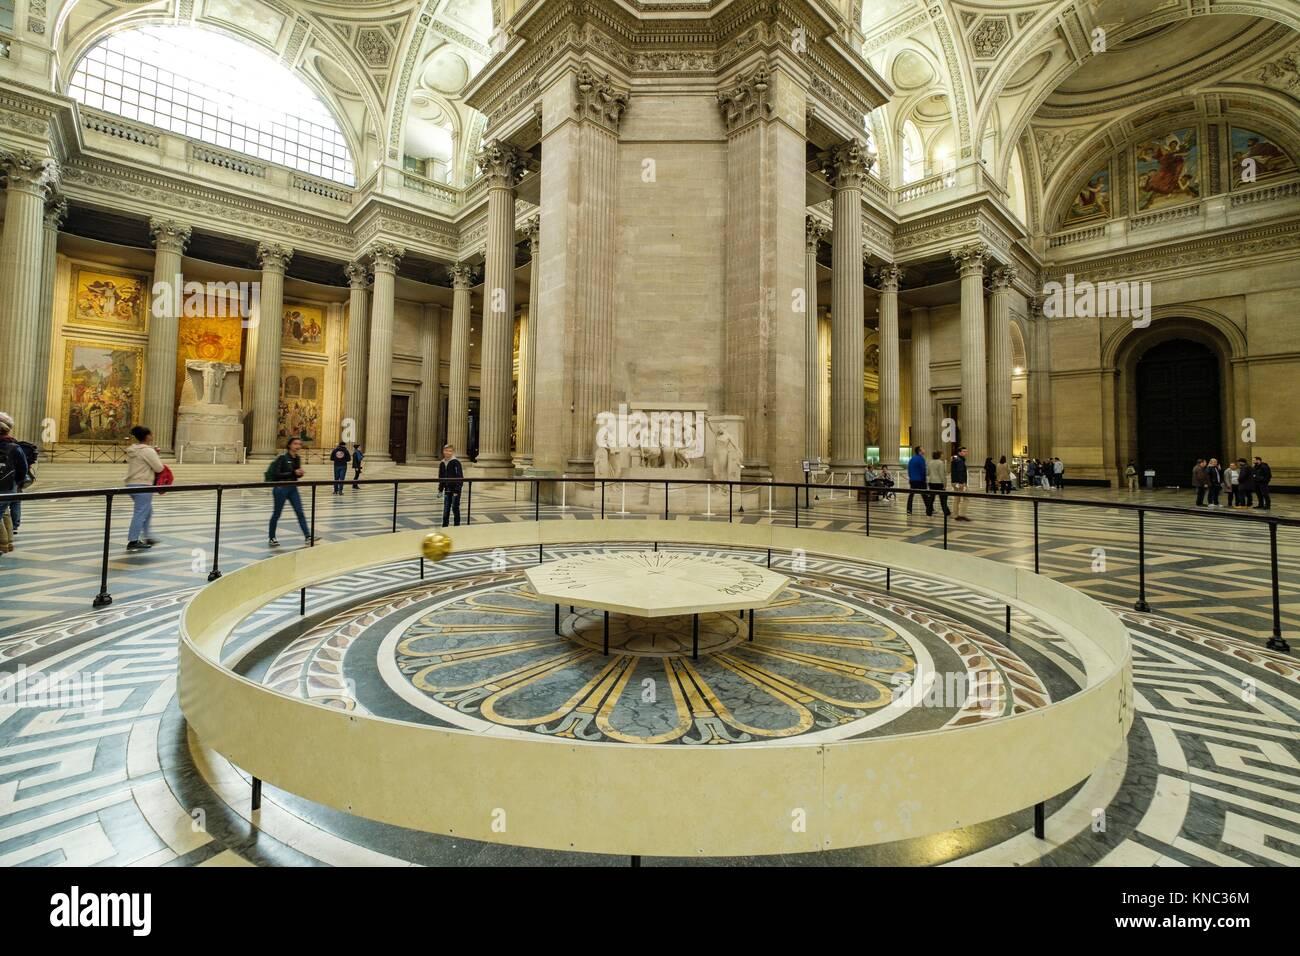 pendulum of Foucault, Panthéon, neoclassical monument, Paris, France - Stock Image